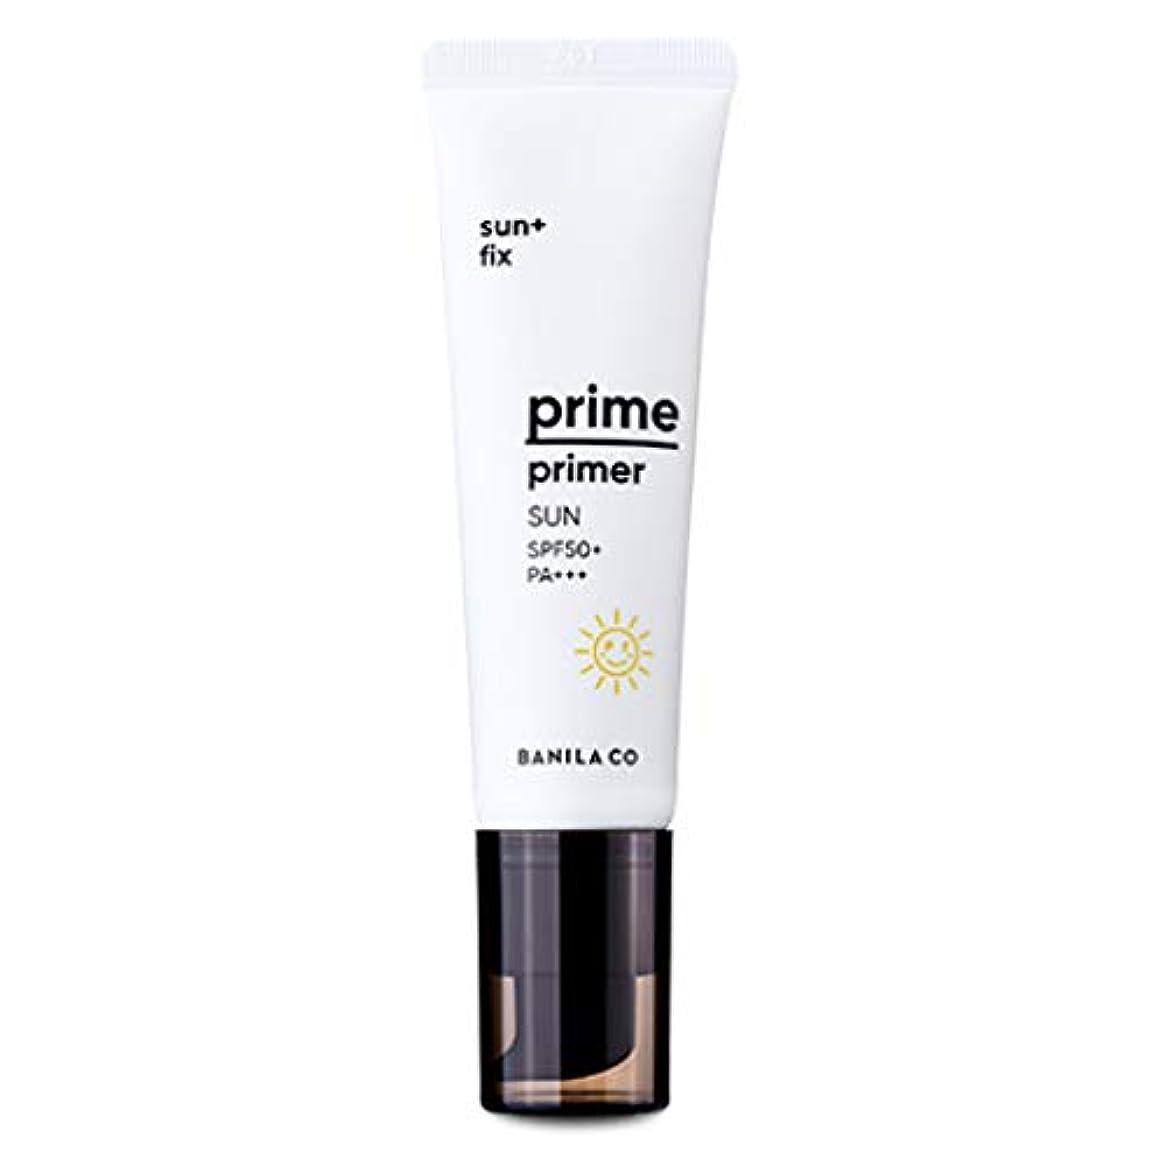 サイレン把握裏切りバニラコプライムプライマーサン30mlサンクリーム韓国コスメ、Banila Co Prime Primer Sun 30ml Sun Cream Korean Cosmetics [並行輸入品]